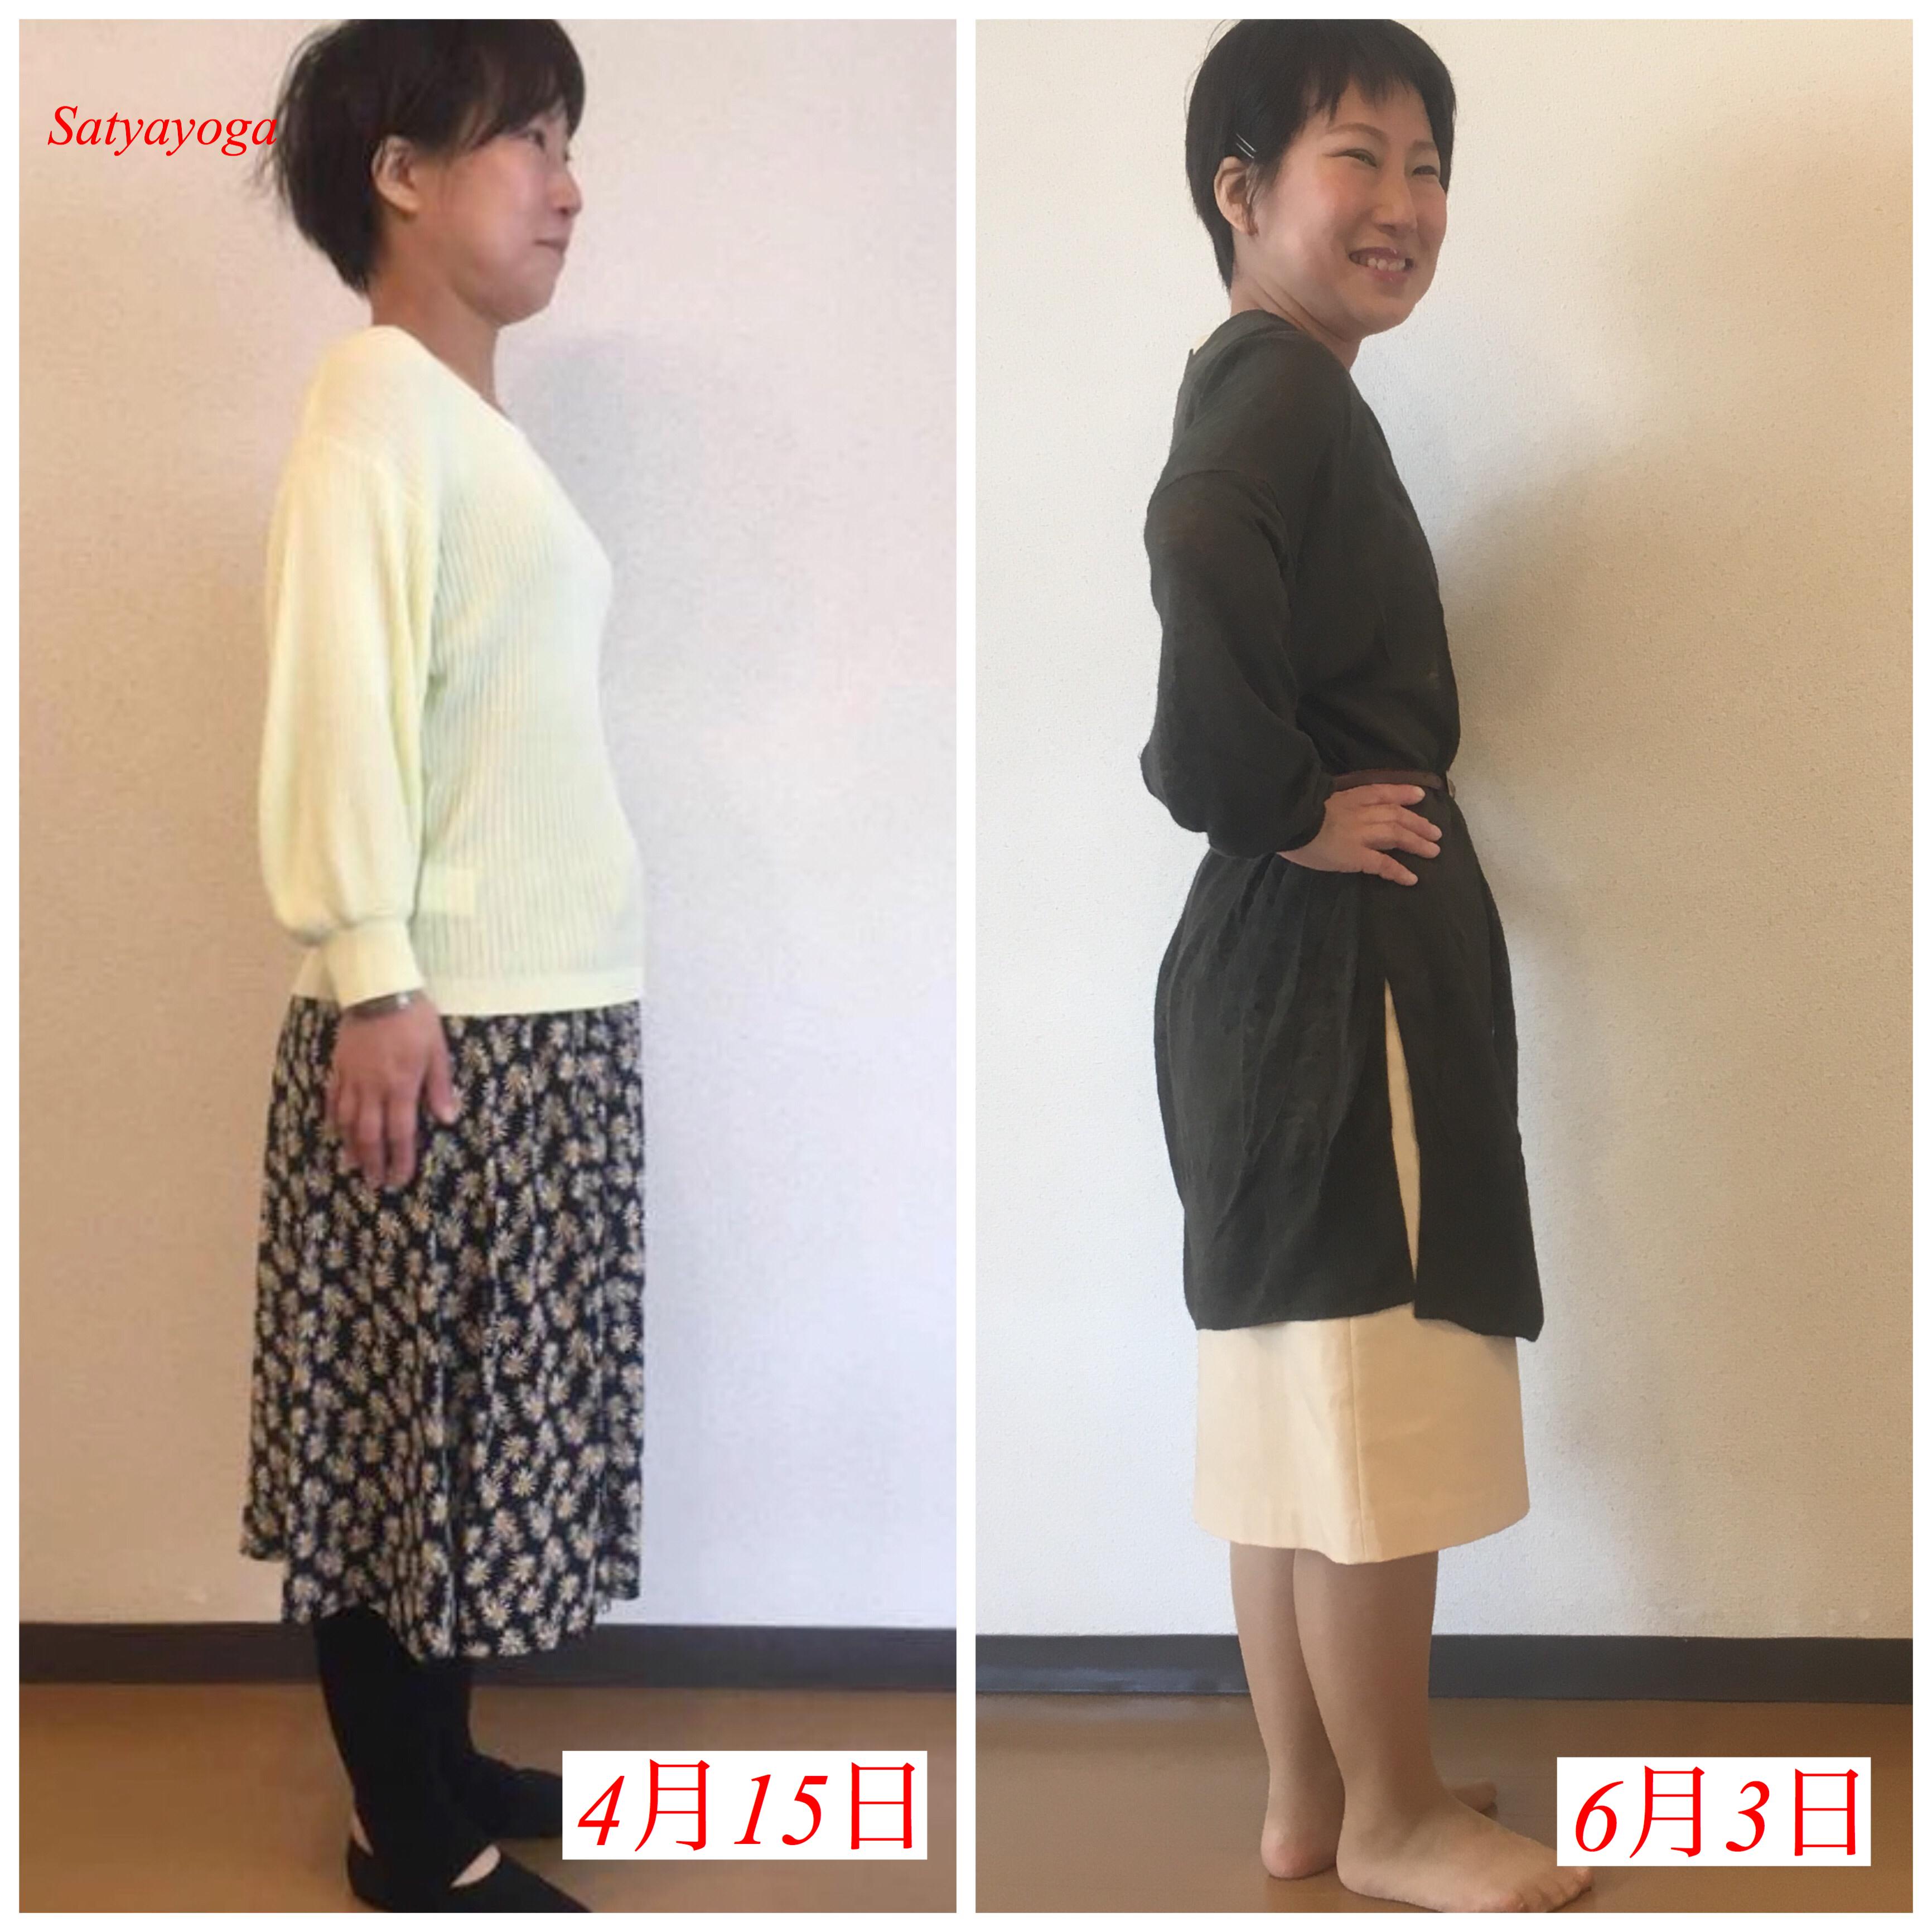 痩せて買った服が、一年後にはきつい